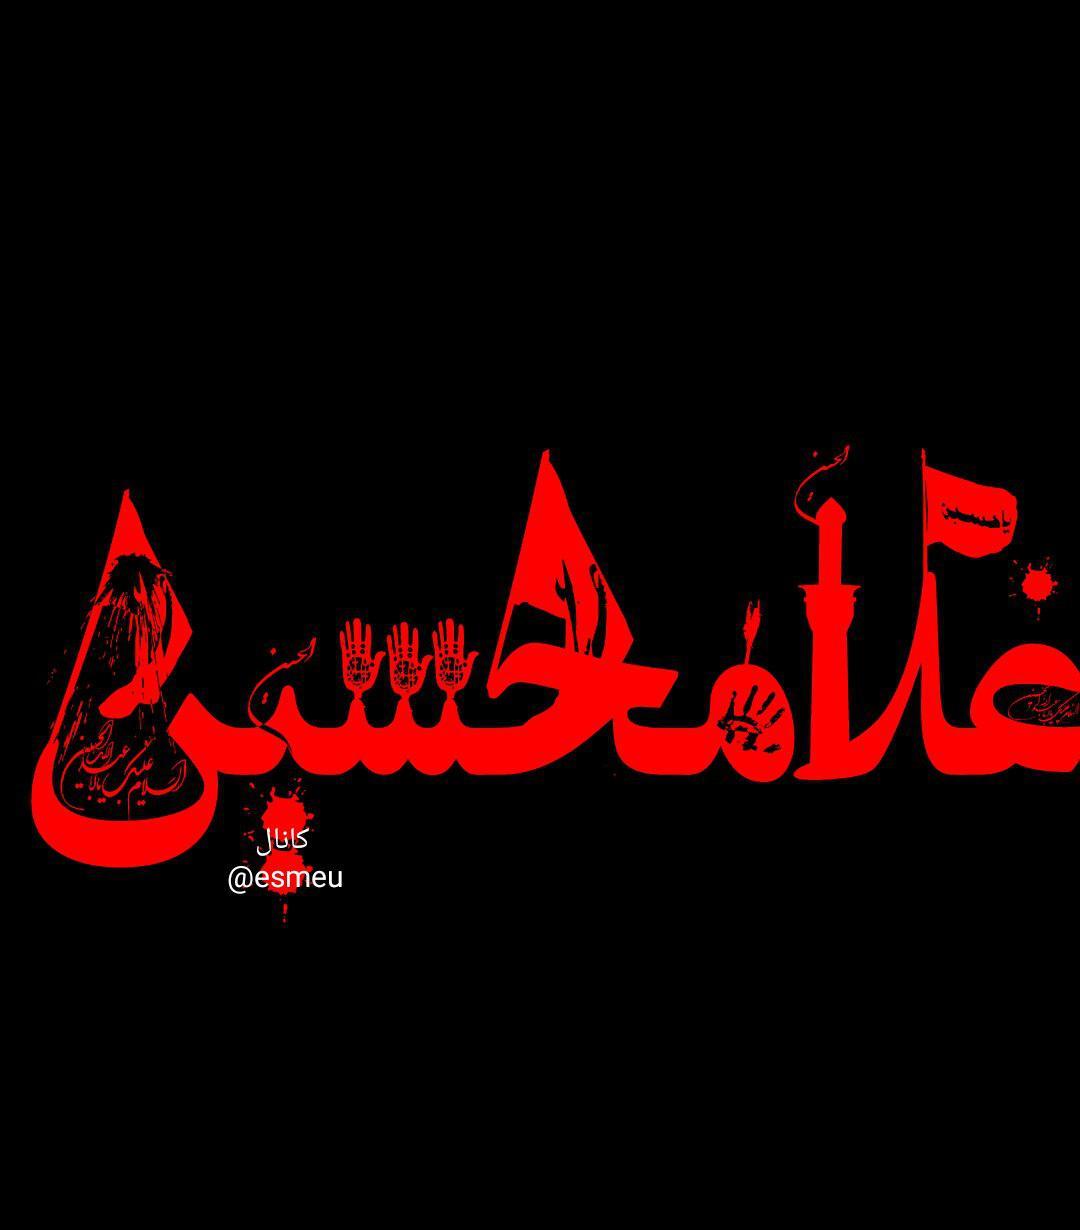 اسم محرمی غلامحسین